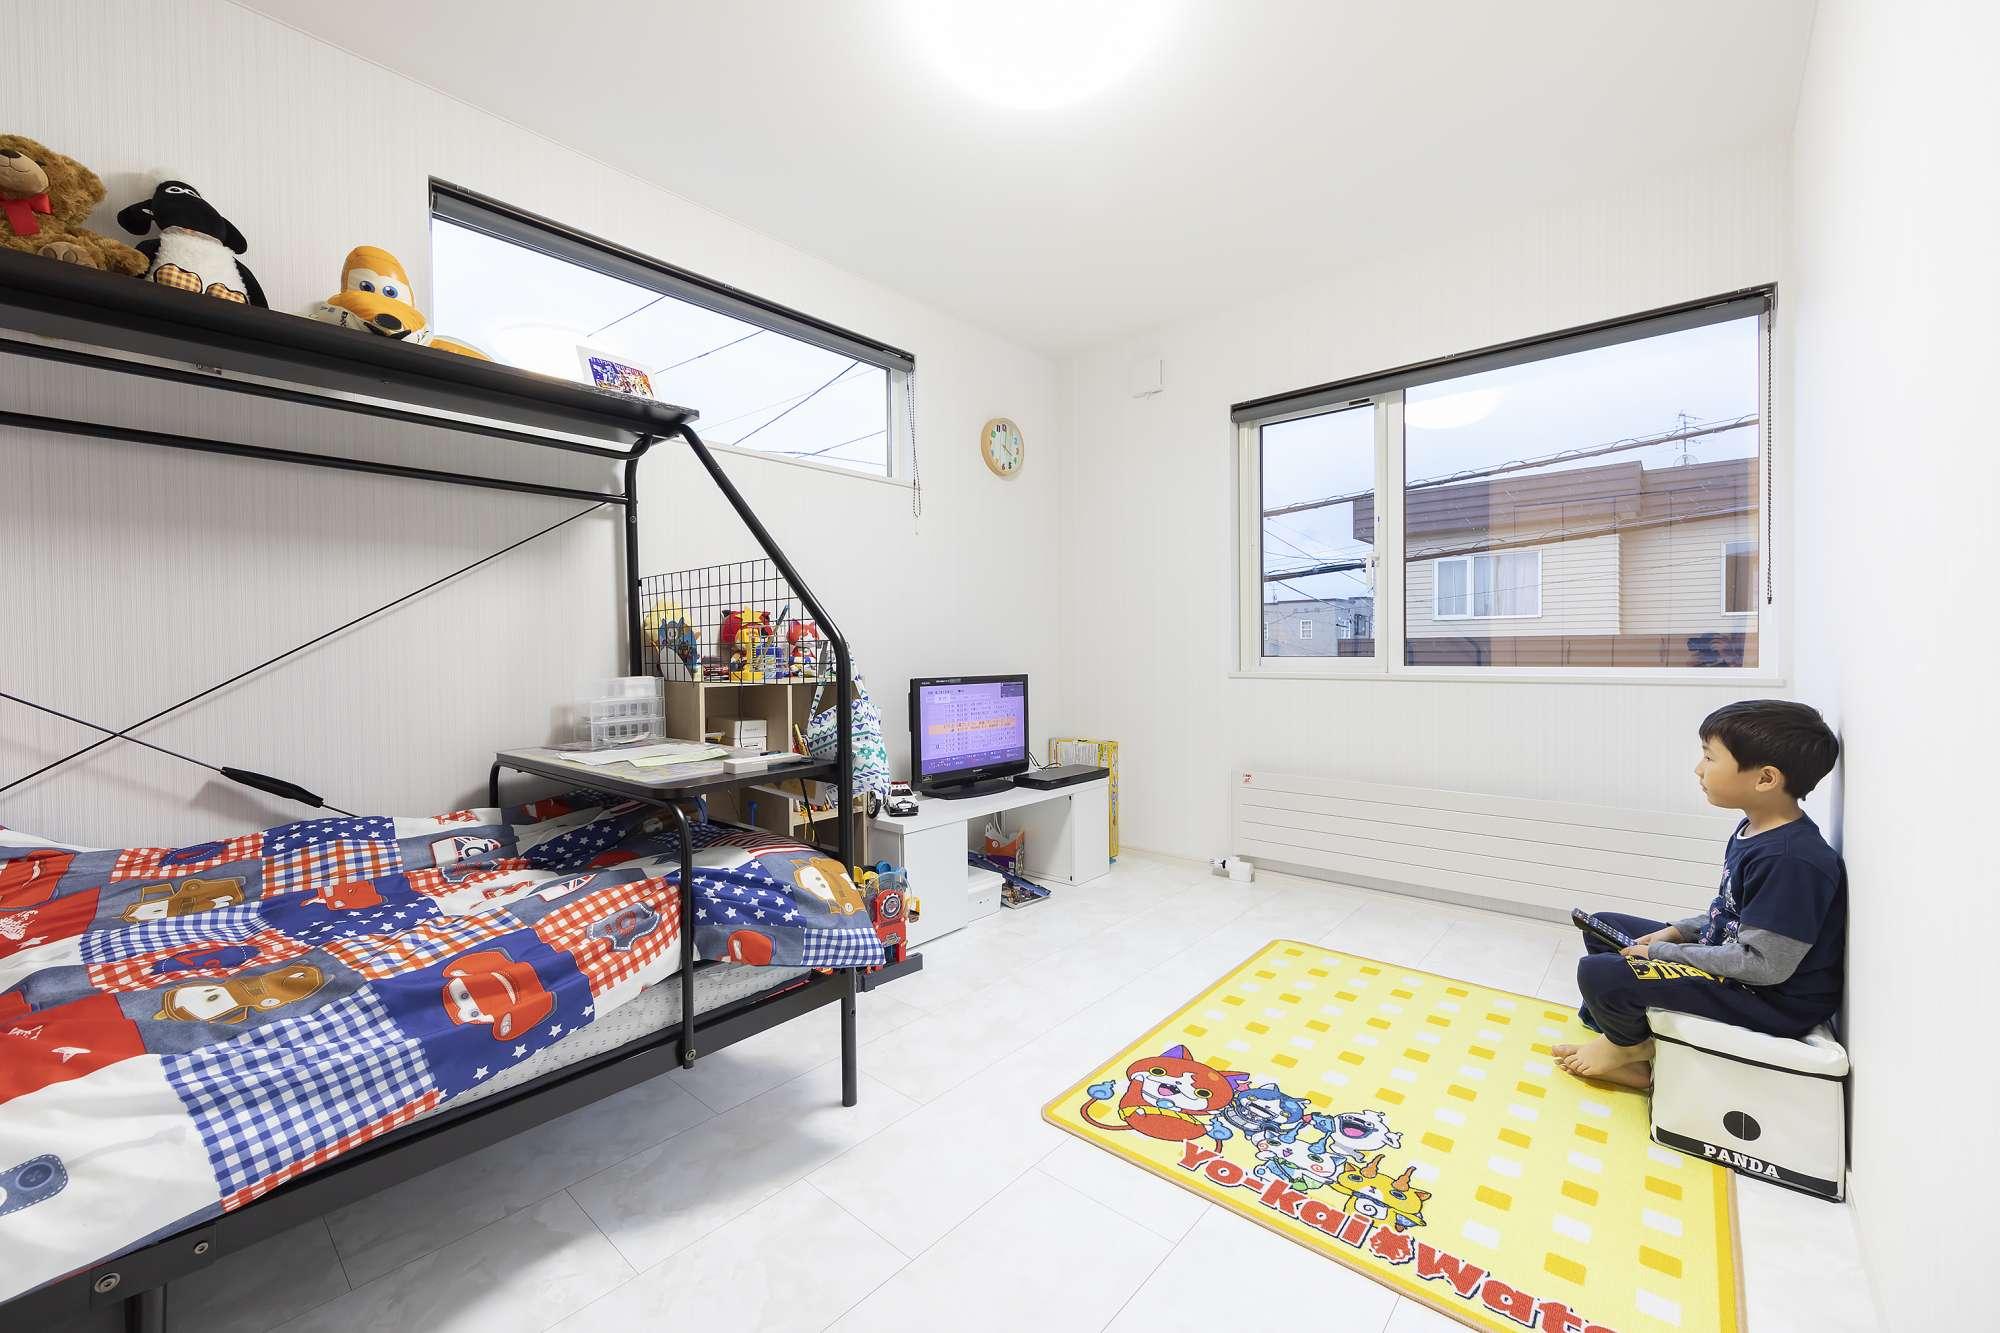 子ども部屋2 - オモチャやキャラクターで飾り付けた息子さんの部屋。 -  -